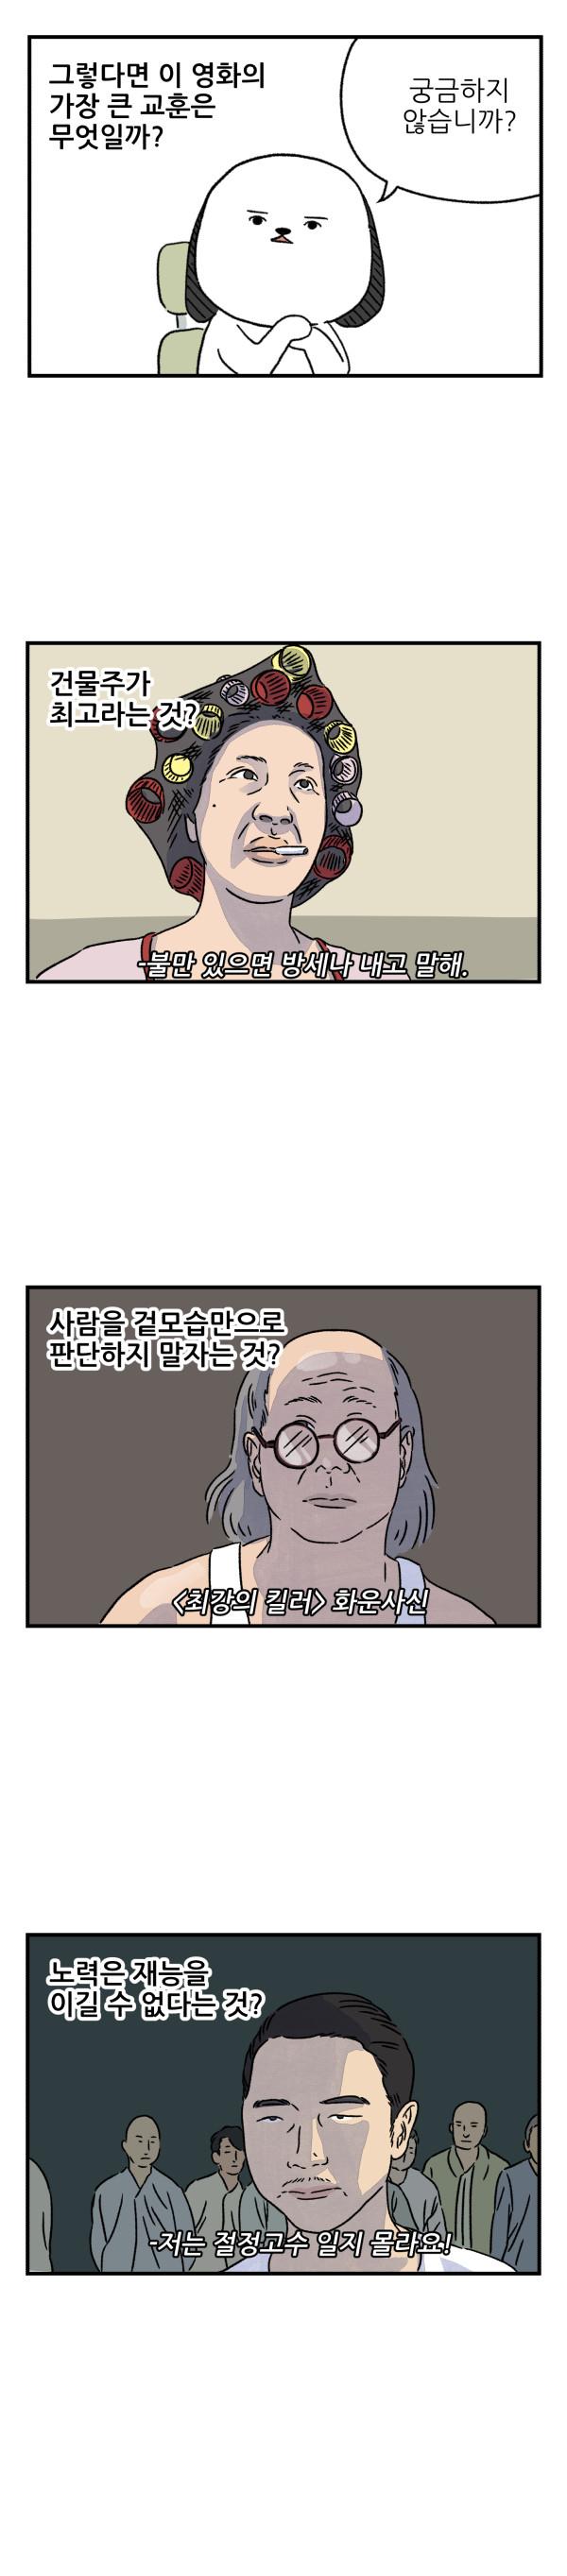 600_006.jpg